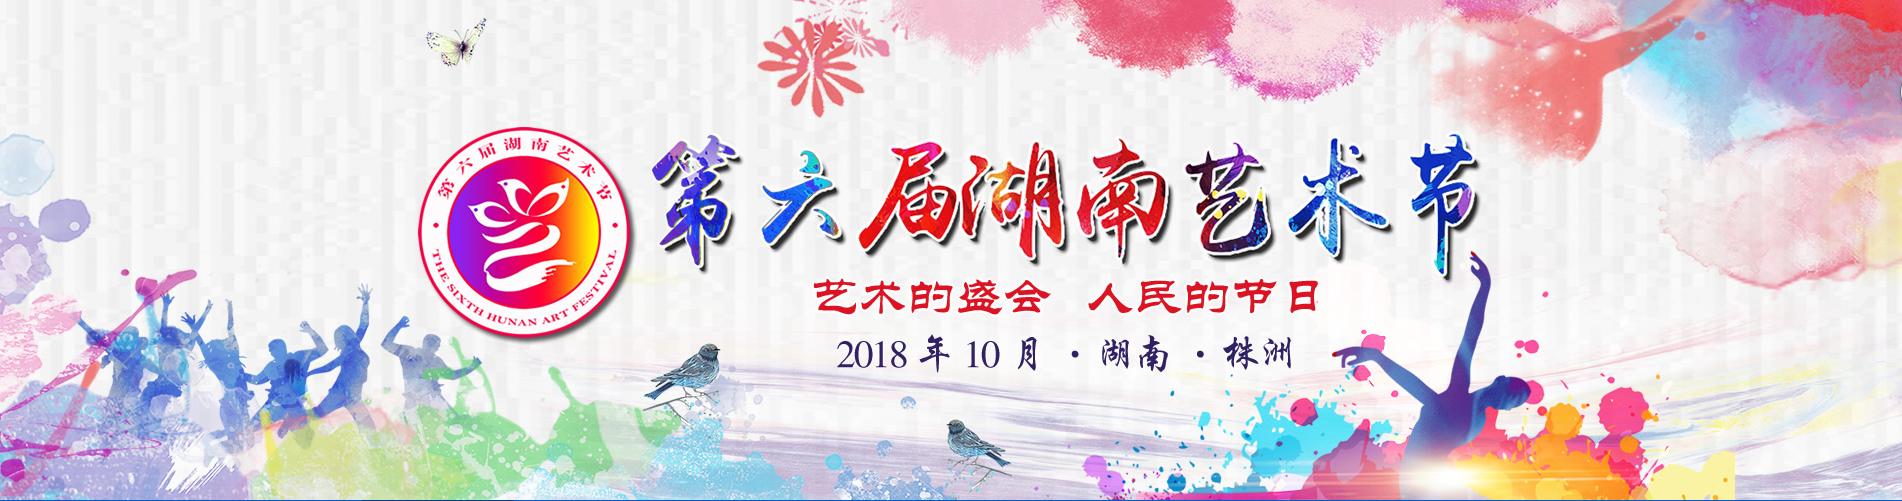 """华声直播>>""""艺术的盛会,人民的节日""""第六届湖南艺术节开幕式"""